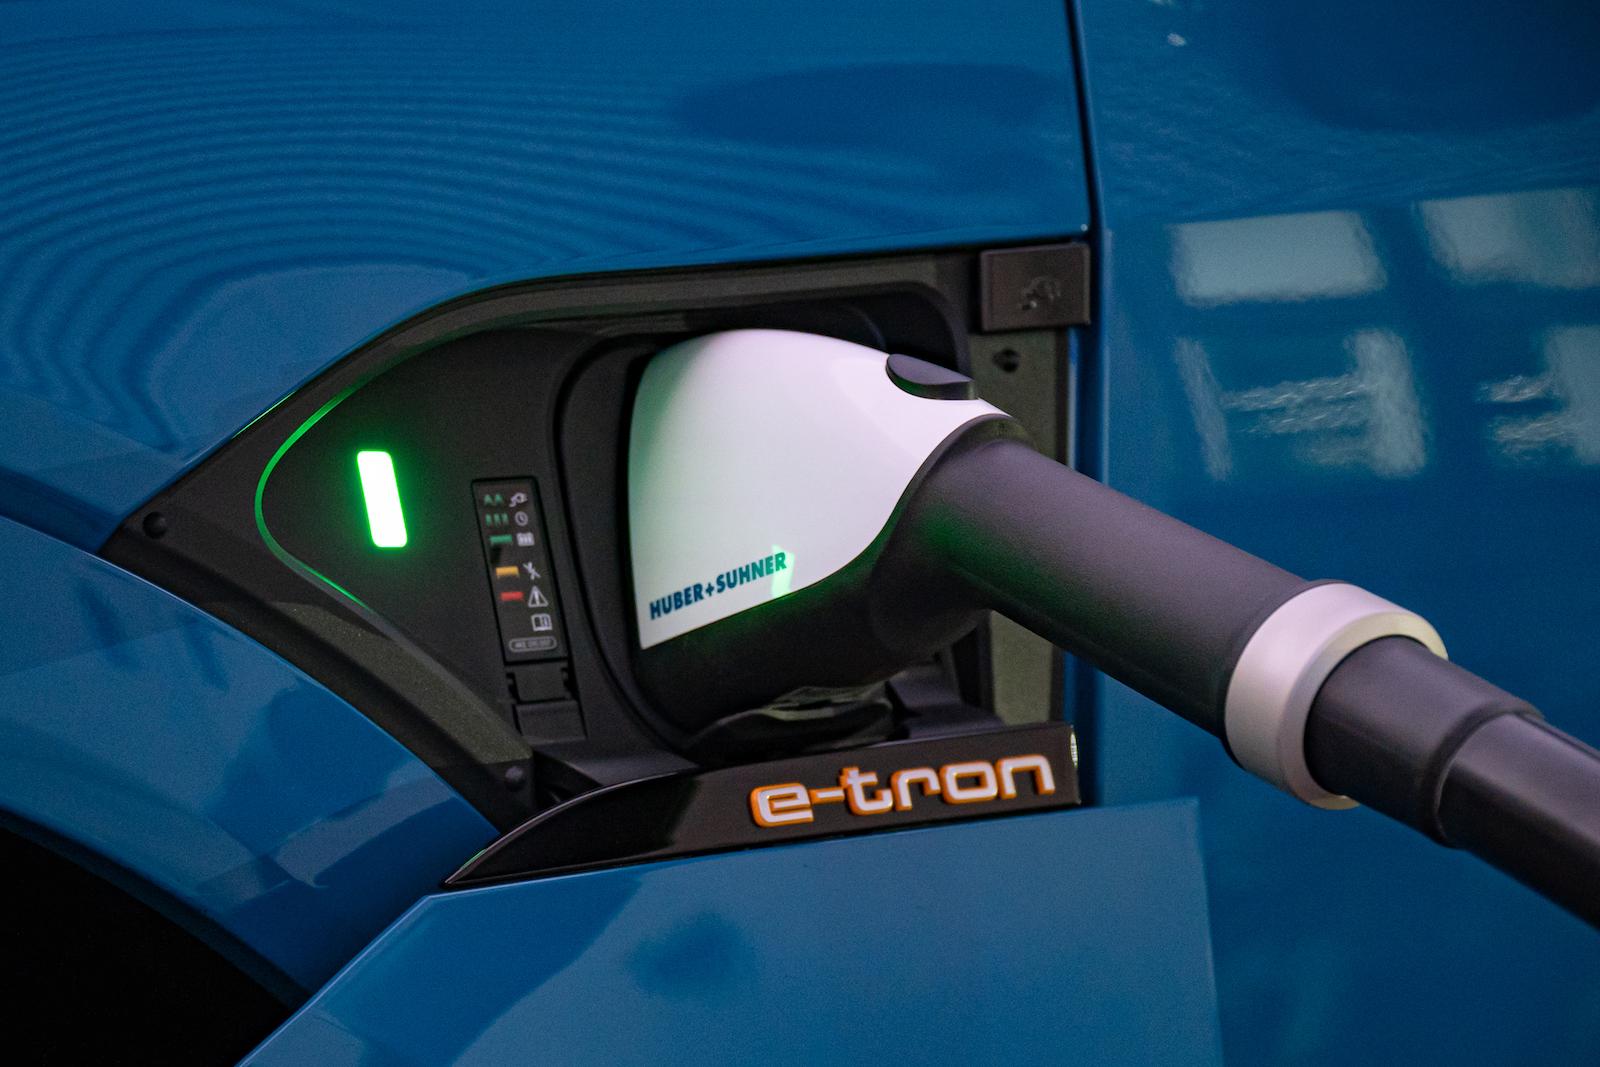 目前引進台灣的歐系品牌電動車,皆採用 CCS1 快充規格。